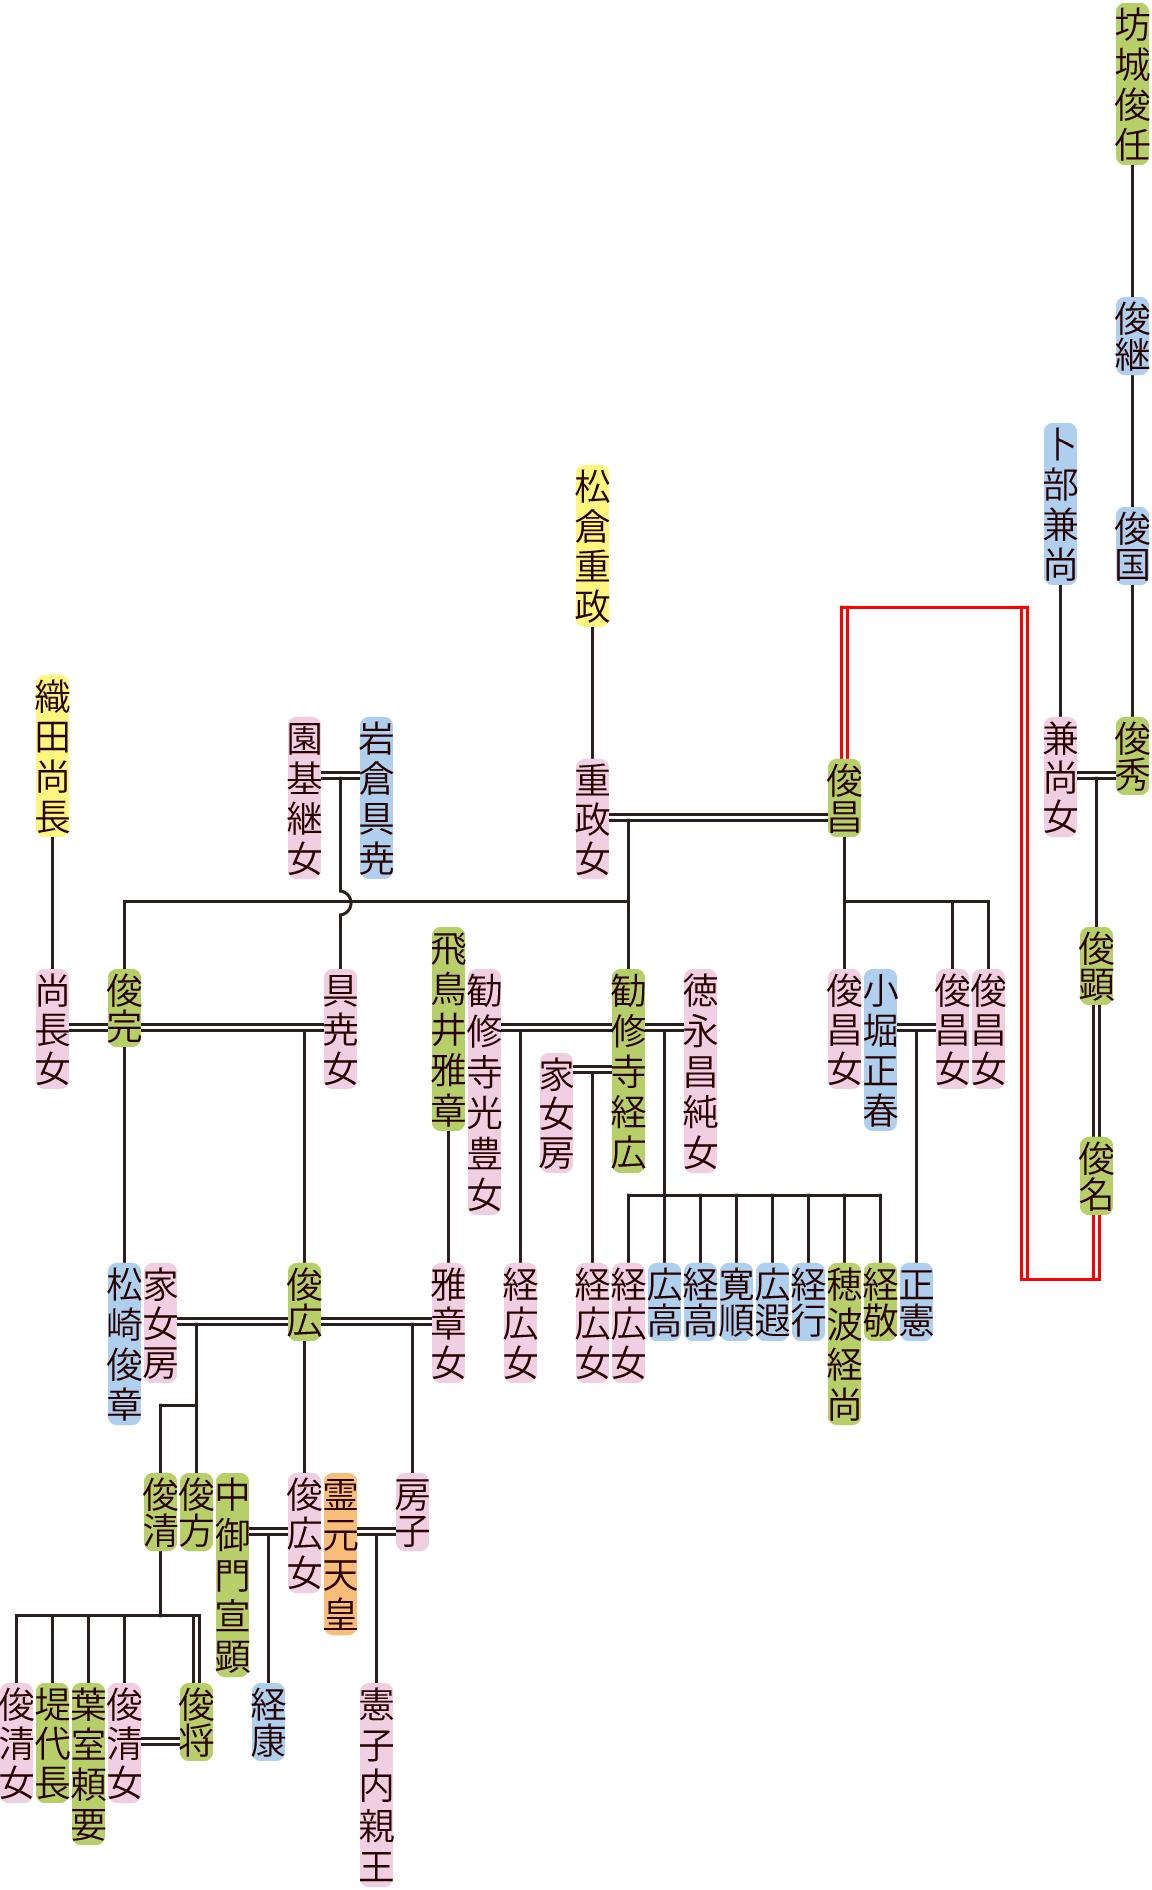 坊城俊国~俊広の系図